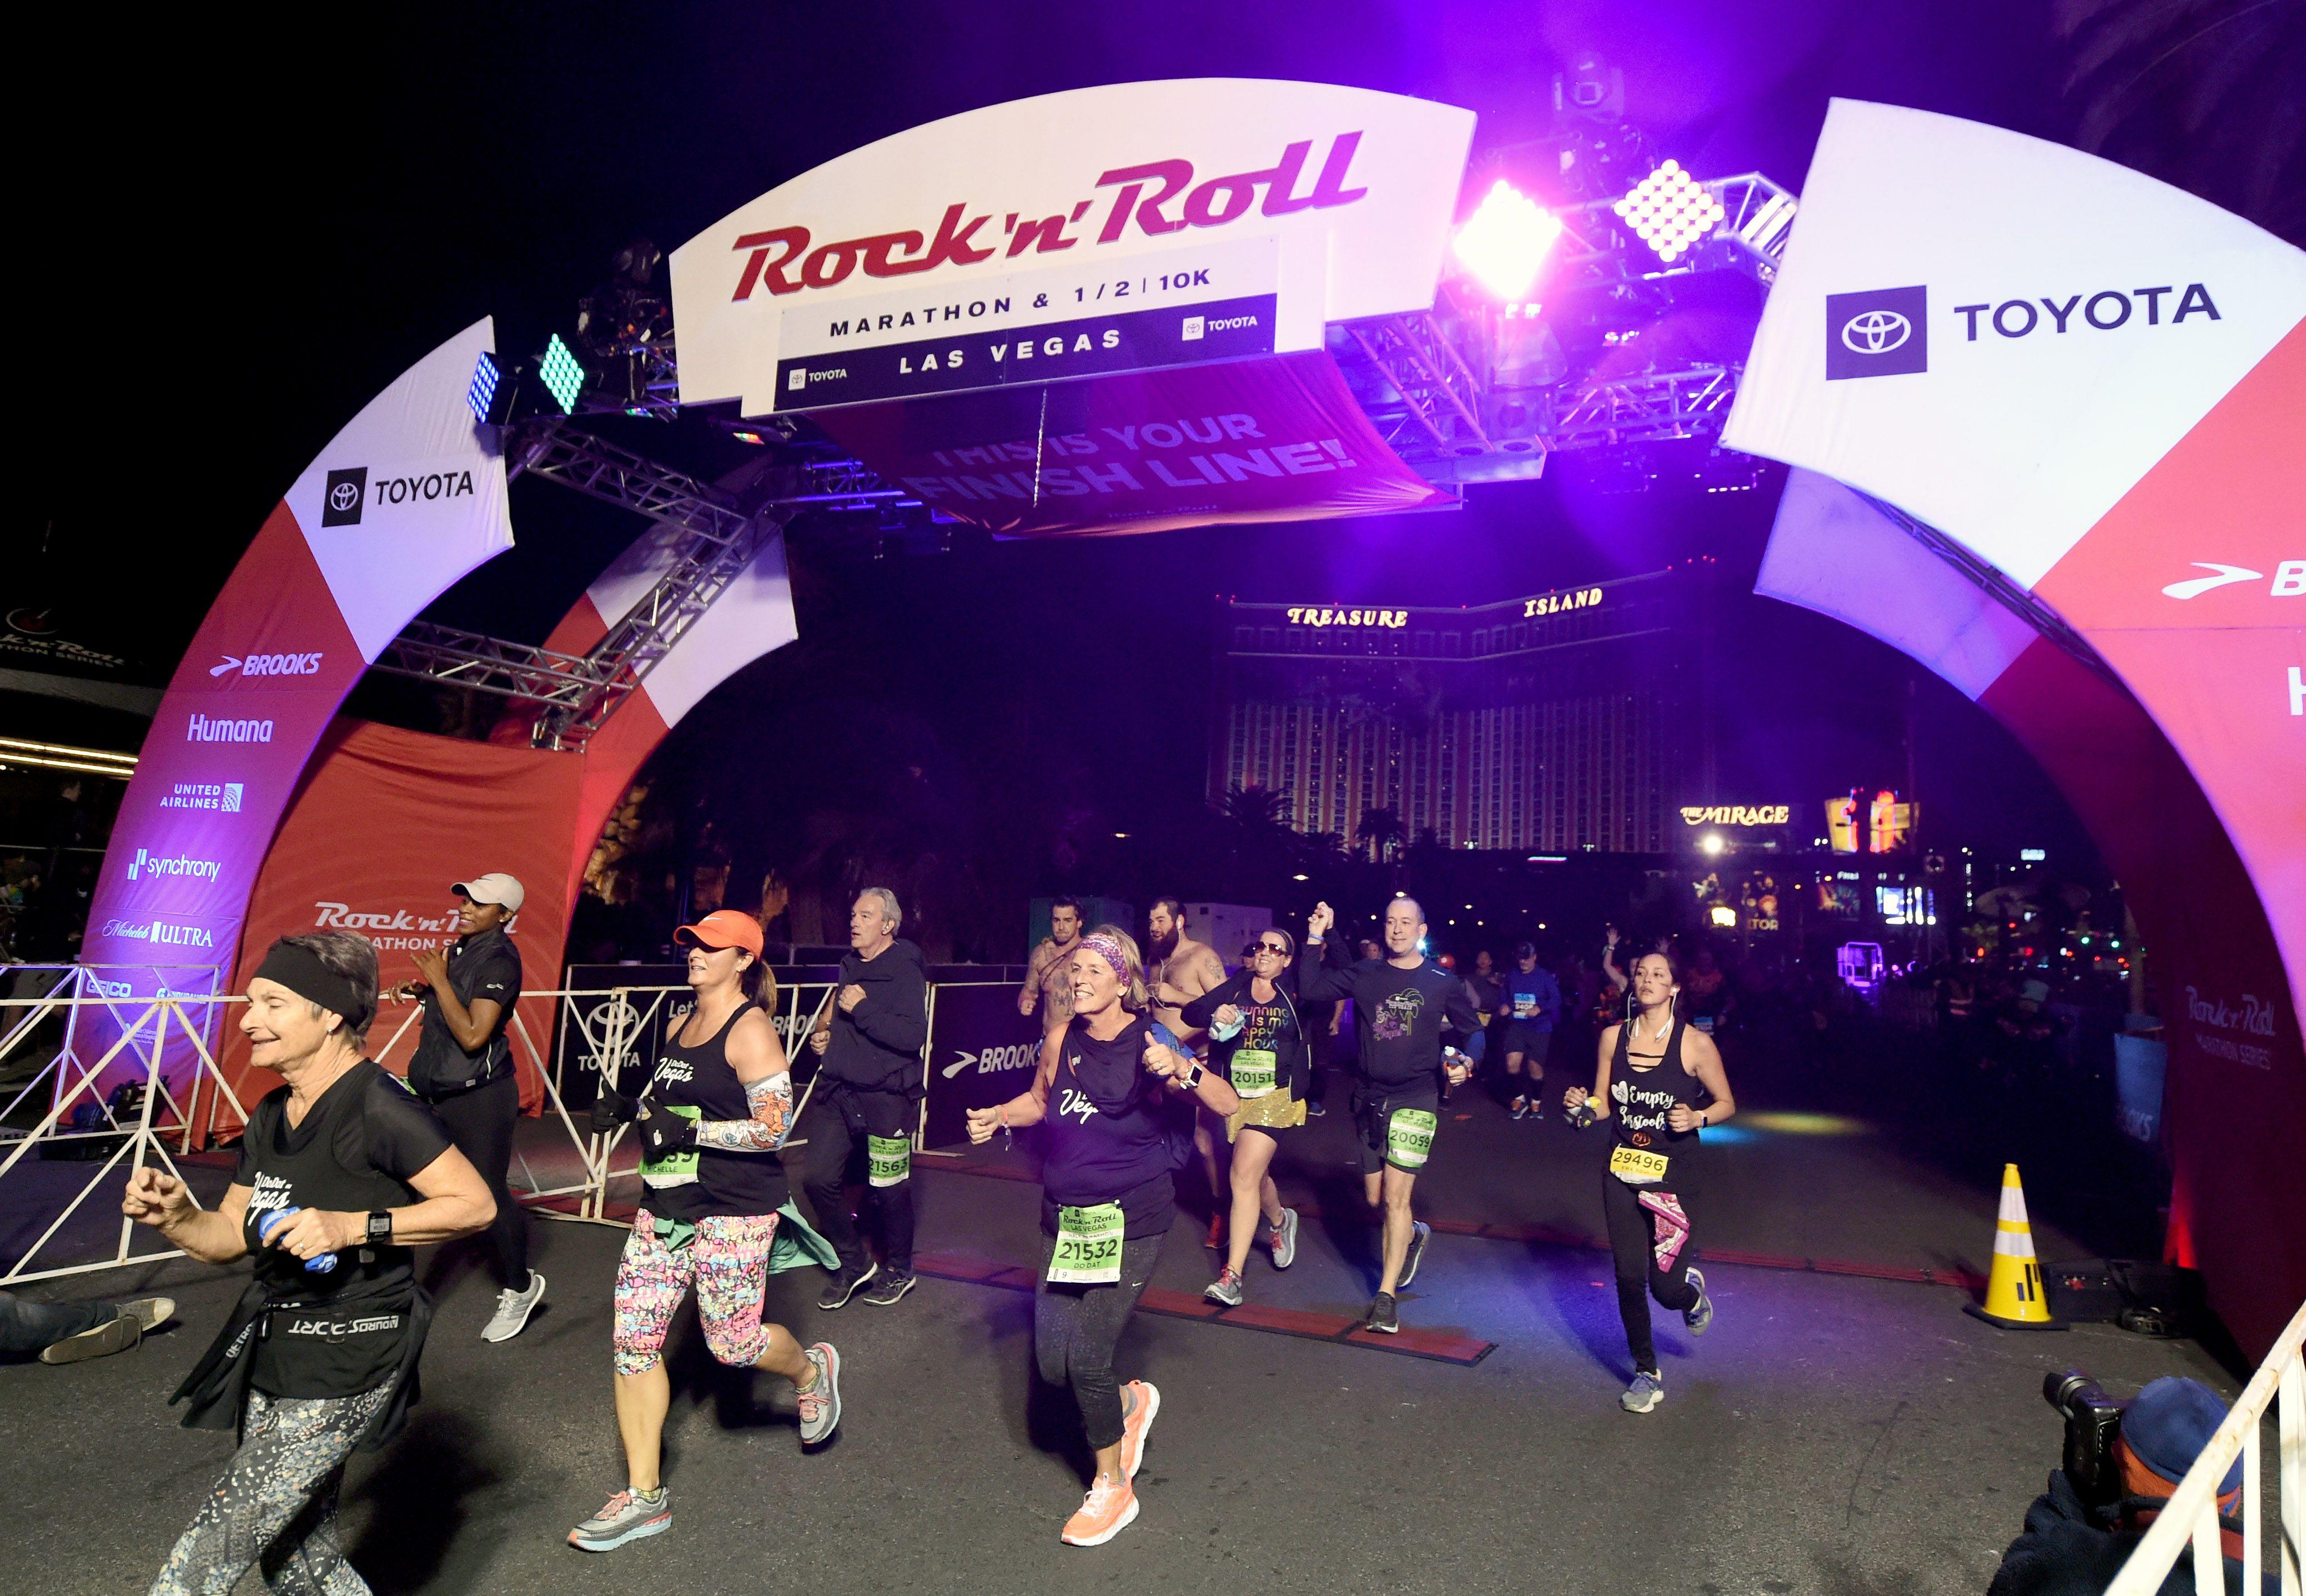 Línea de meta del maratón de Rock 'n' Roll Las Vegas